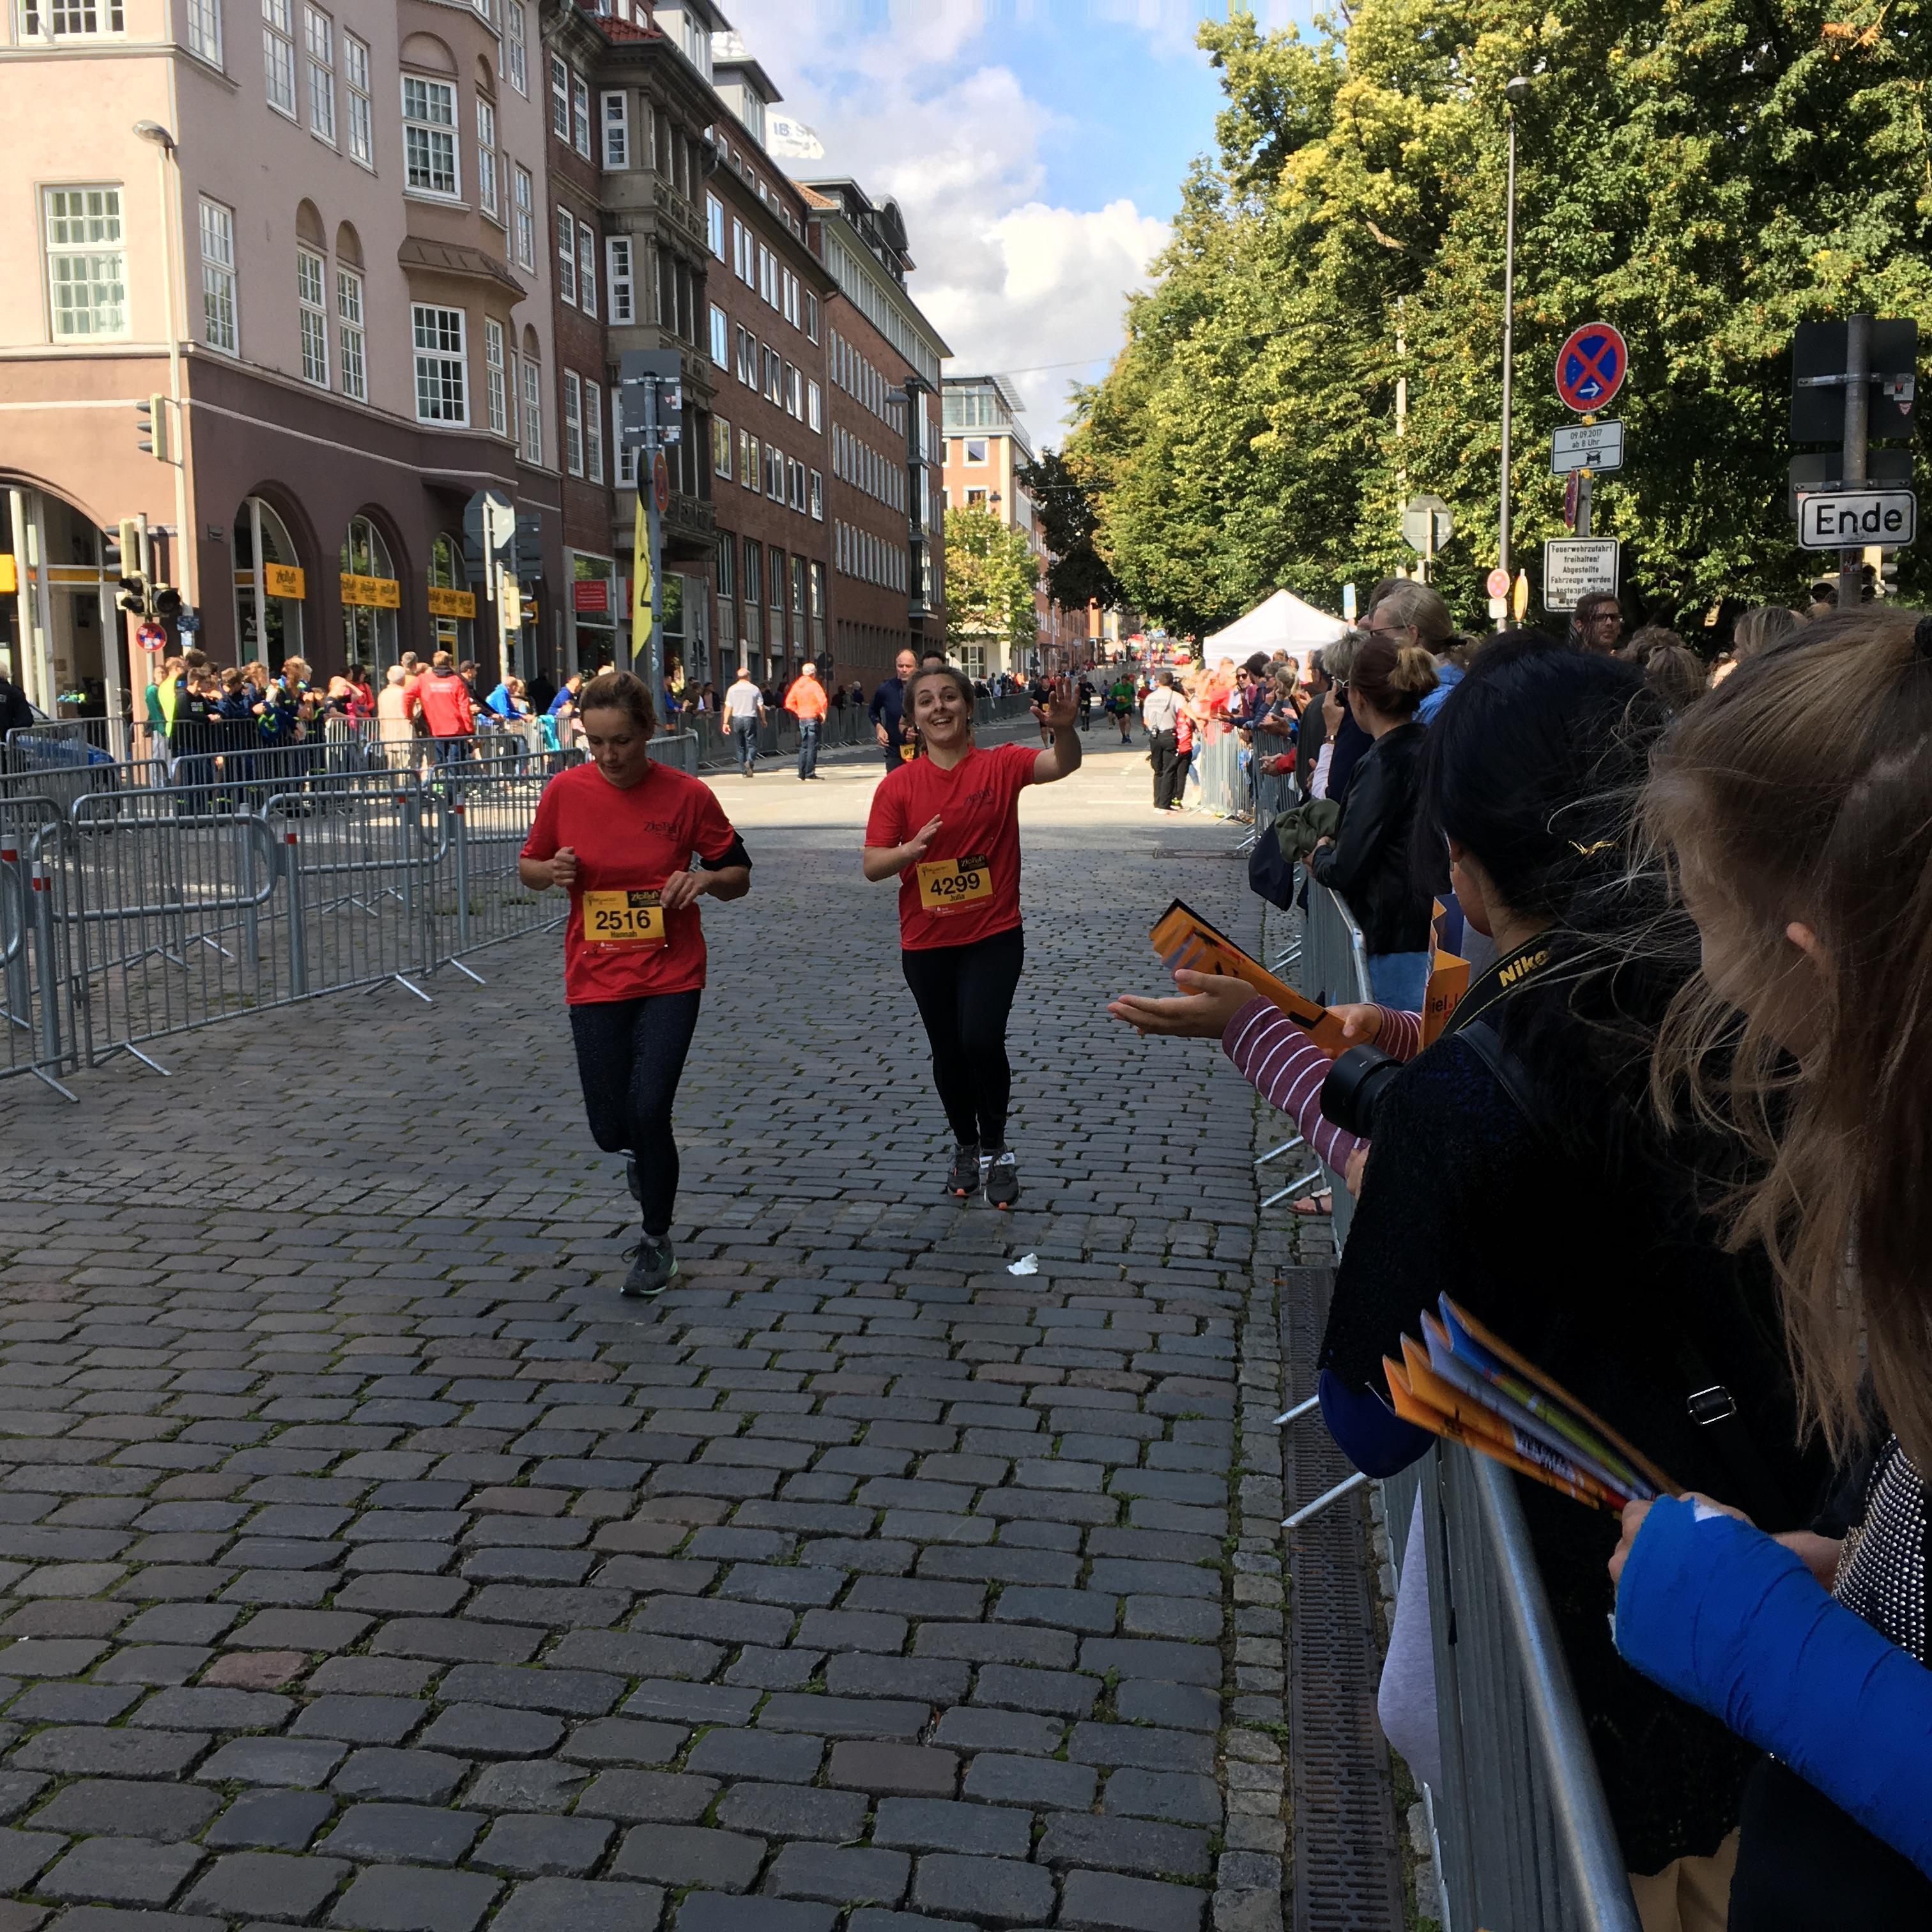 Laufen, laufen, laufen: Vorbereitung für den Halbmarathon